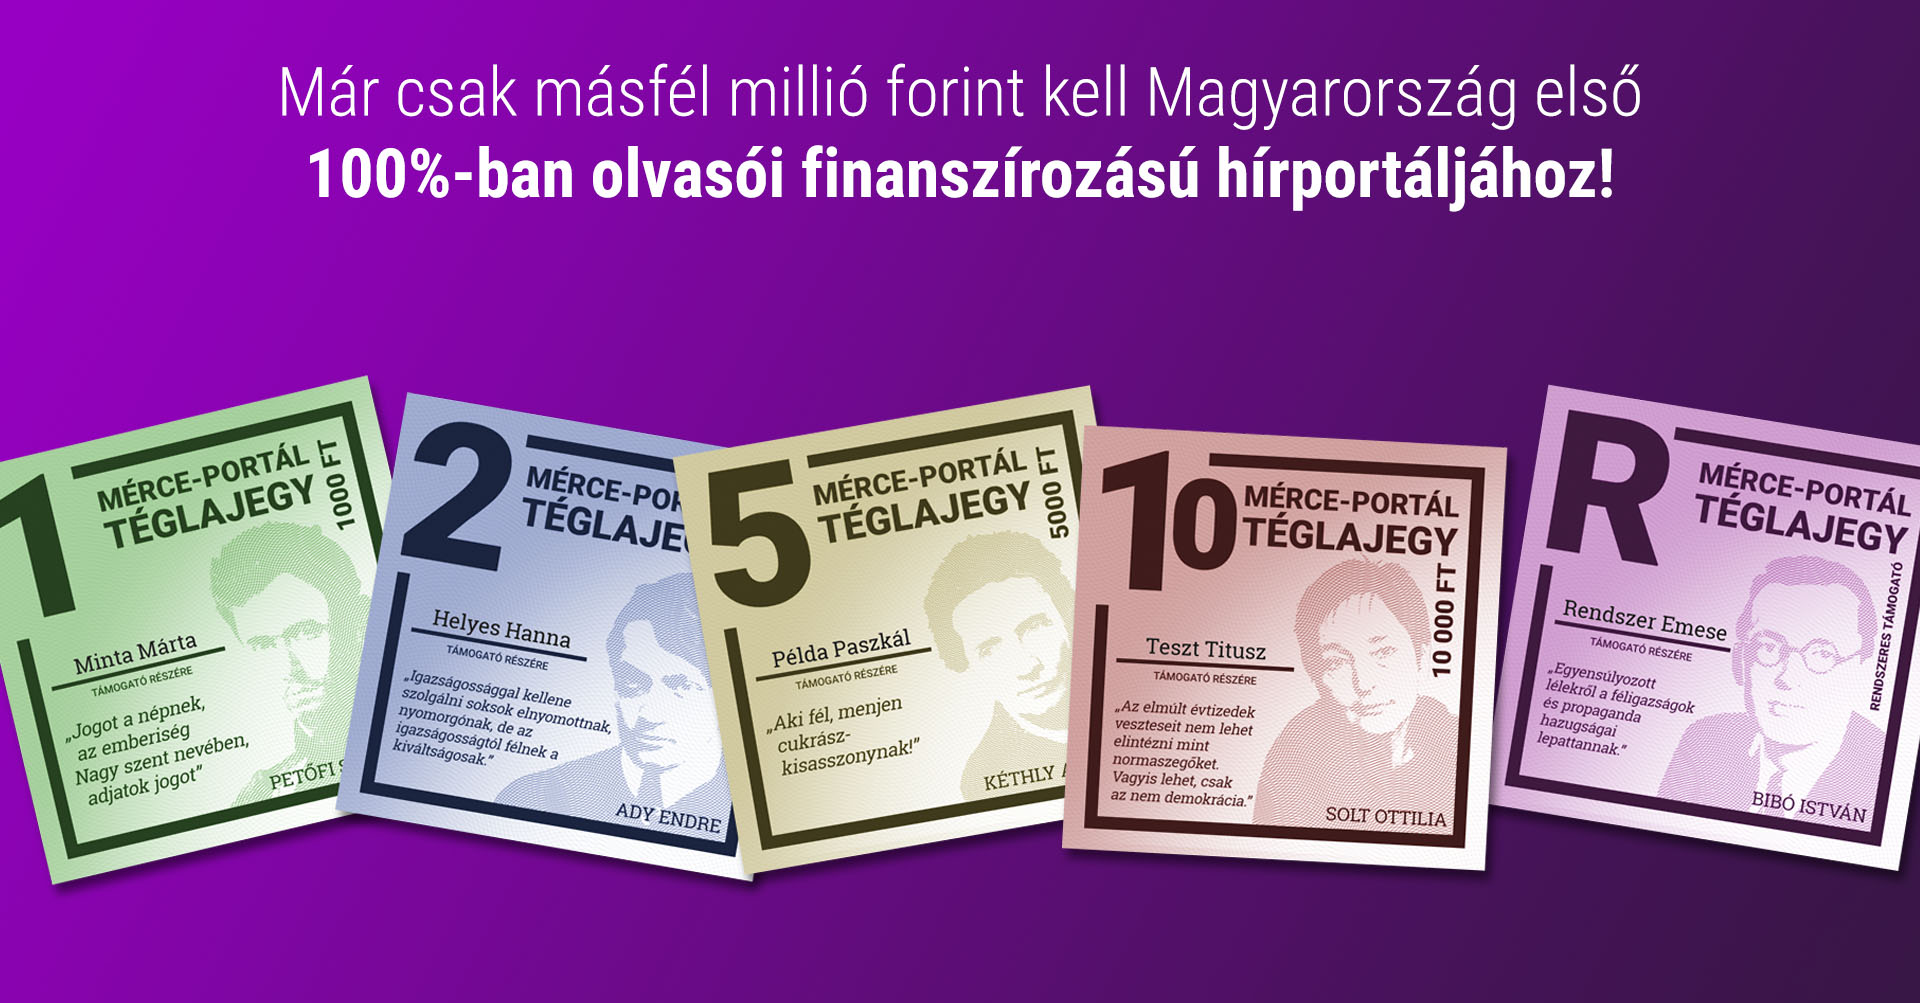 marcsak1500ezer-7.jpg